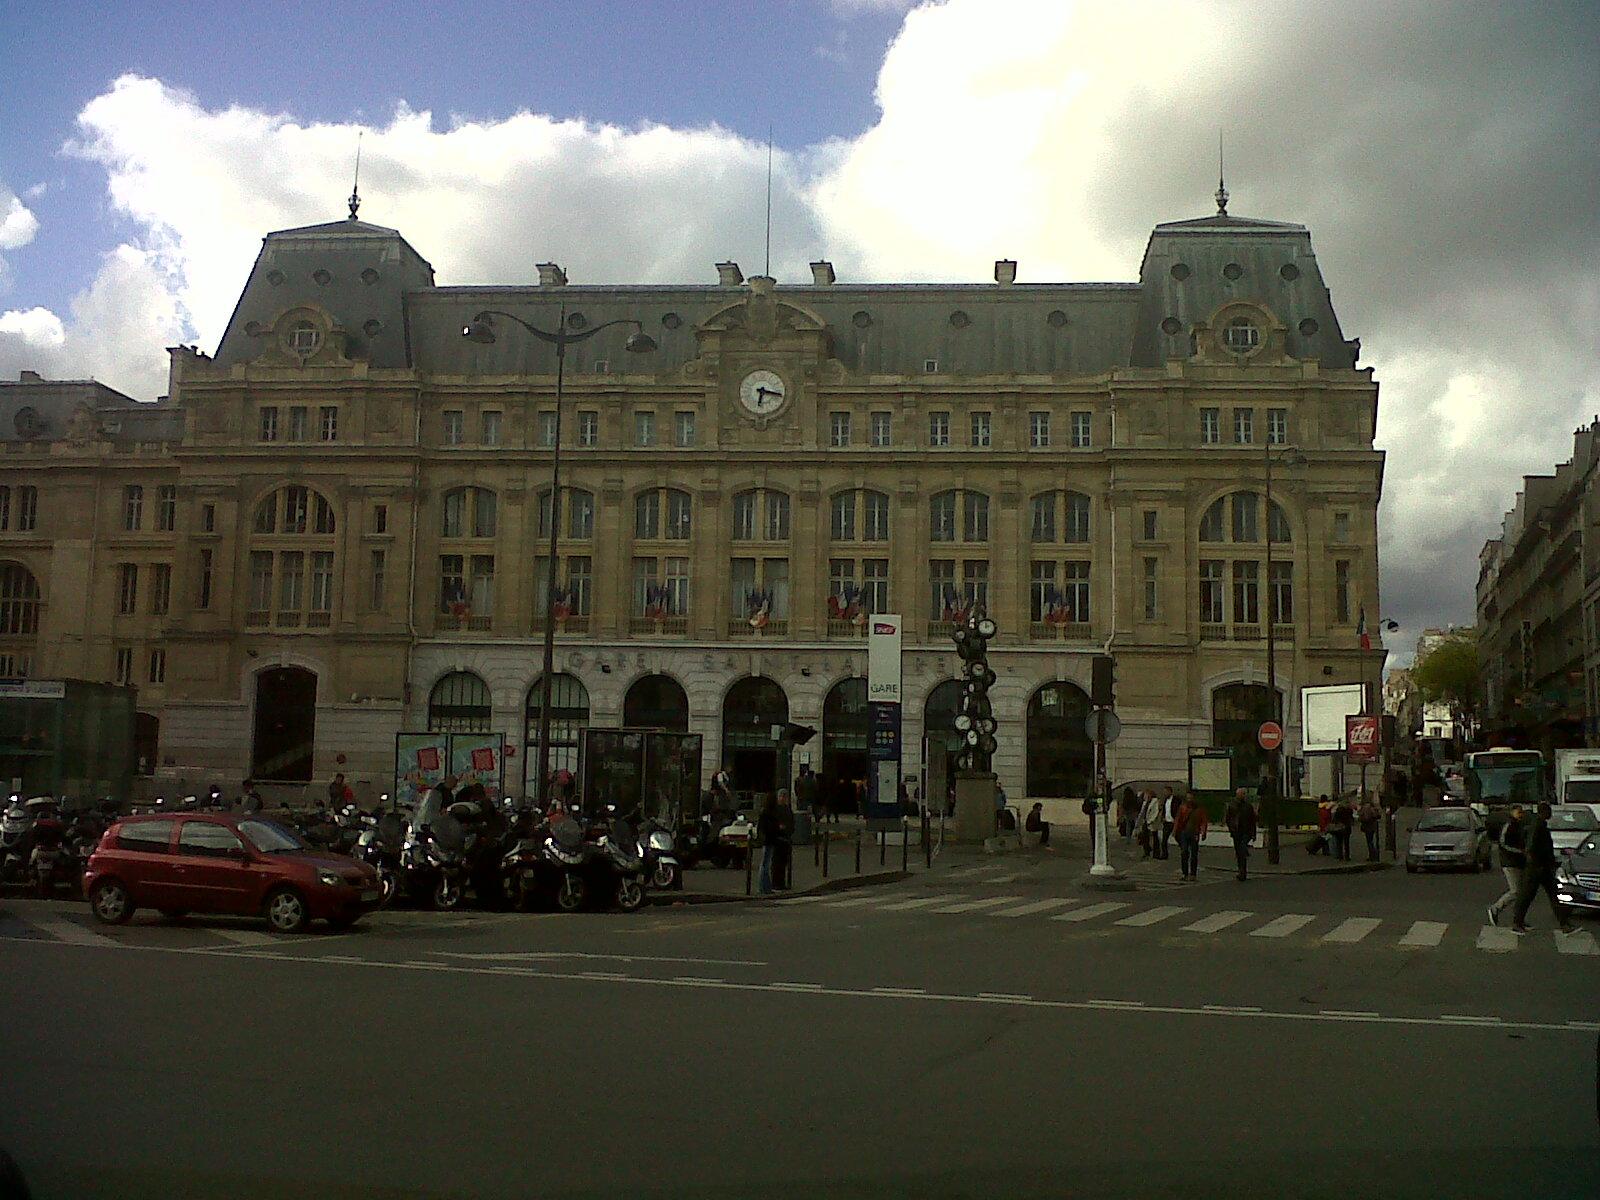 Paris gare saint lazare front 2 apr12